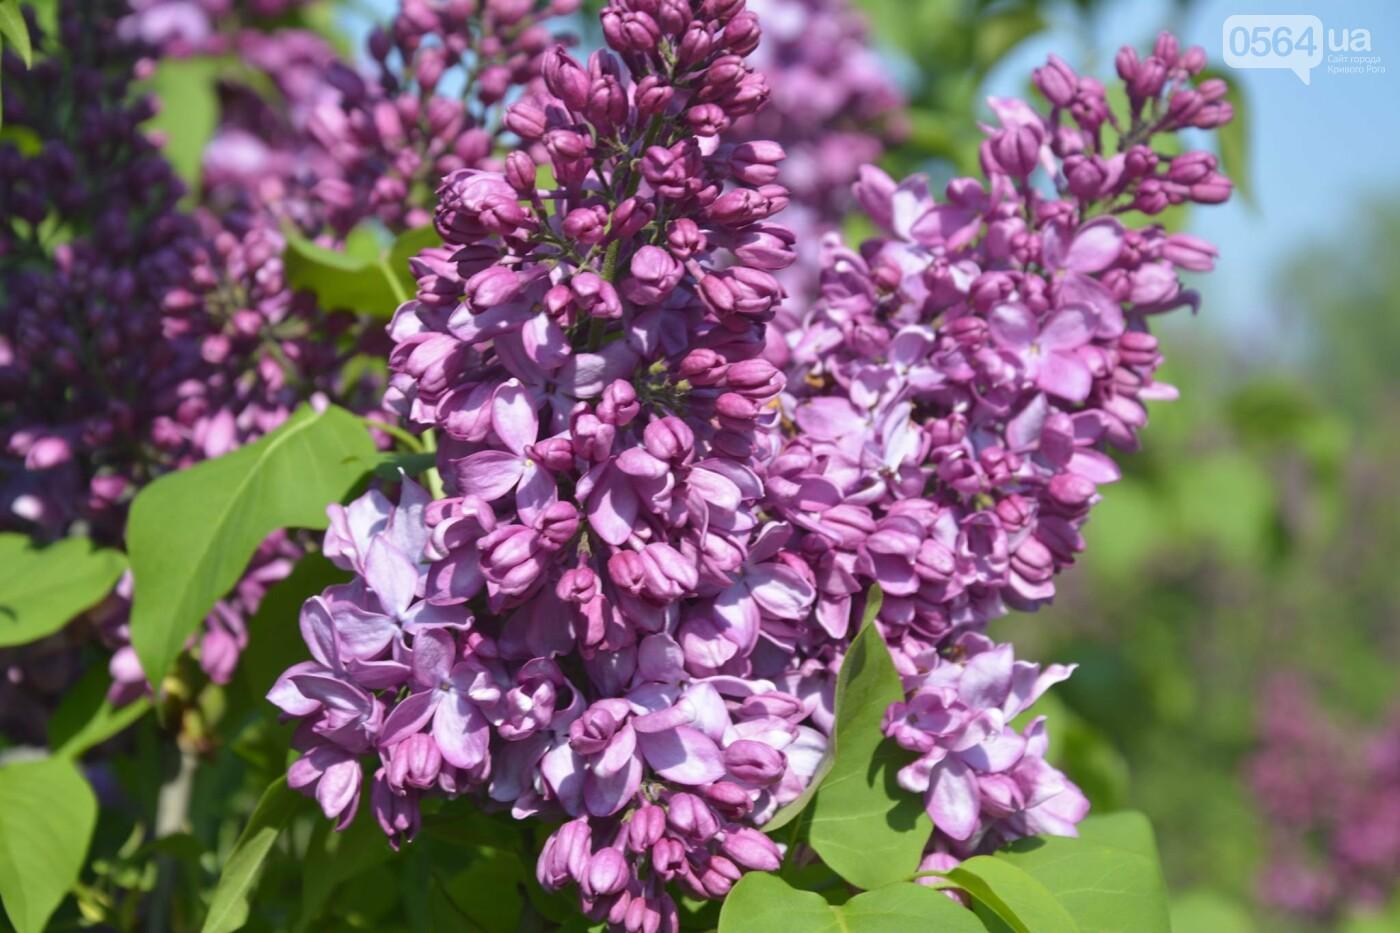 """Коллекция сирени, тюльпан """"Черный кофе"""", барбарис, - как выглядит Криворожский ботанический сад сегодня, - ФОТО, фото-5"""